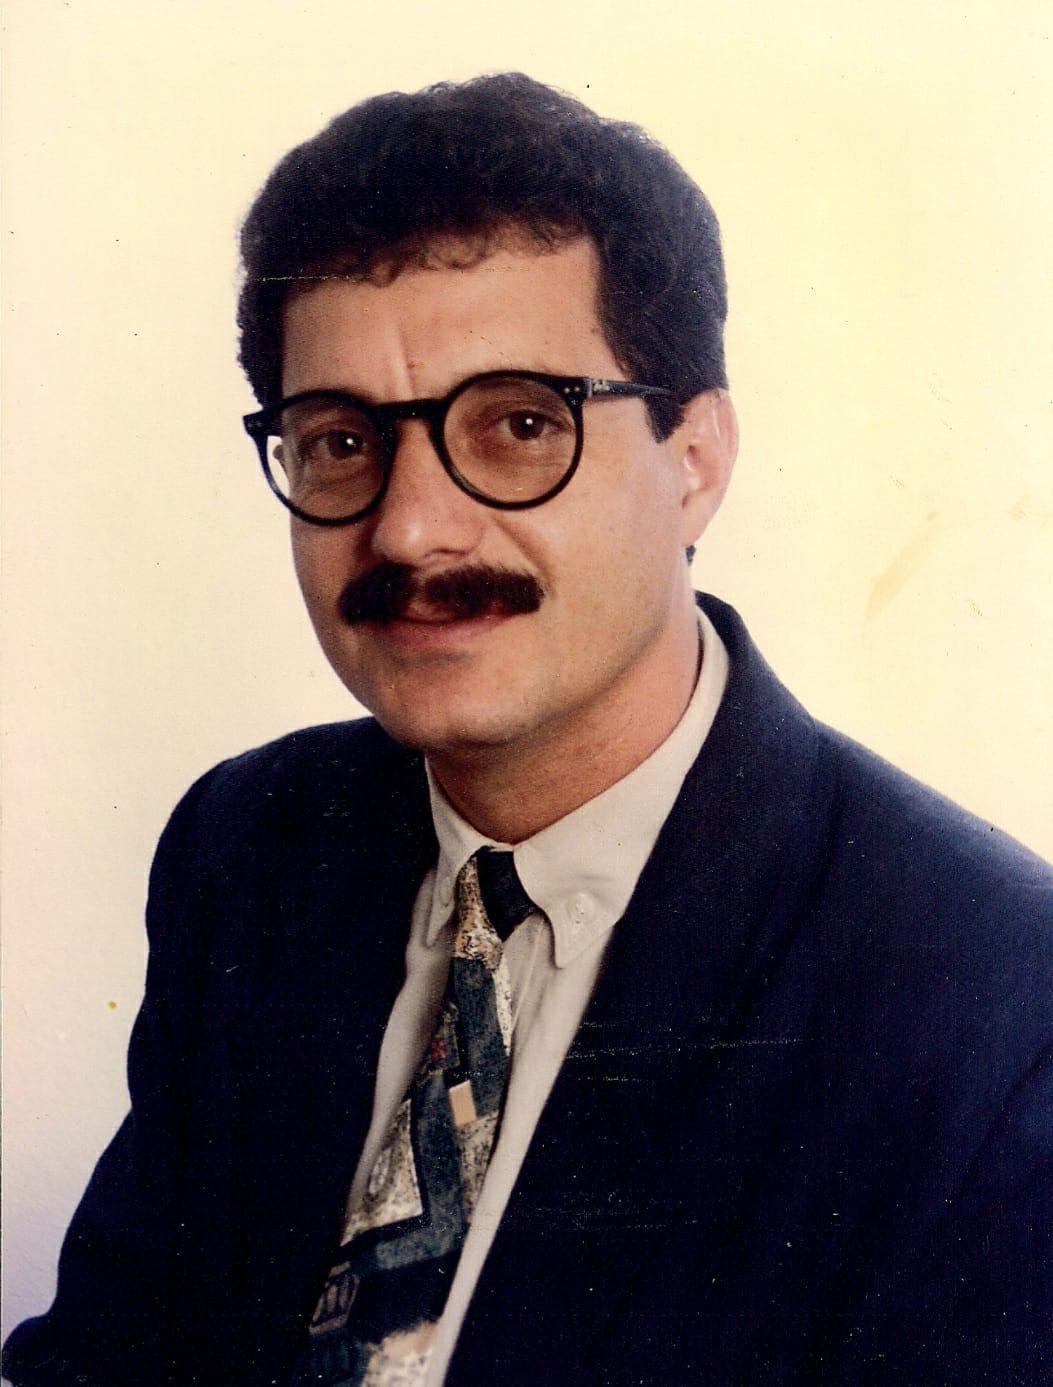 Nota de pesar pelo falecimento do ex-presidente da Câmara de Vereadores Miguel Carvalho Souza (Zinho) 20